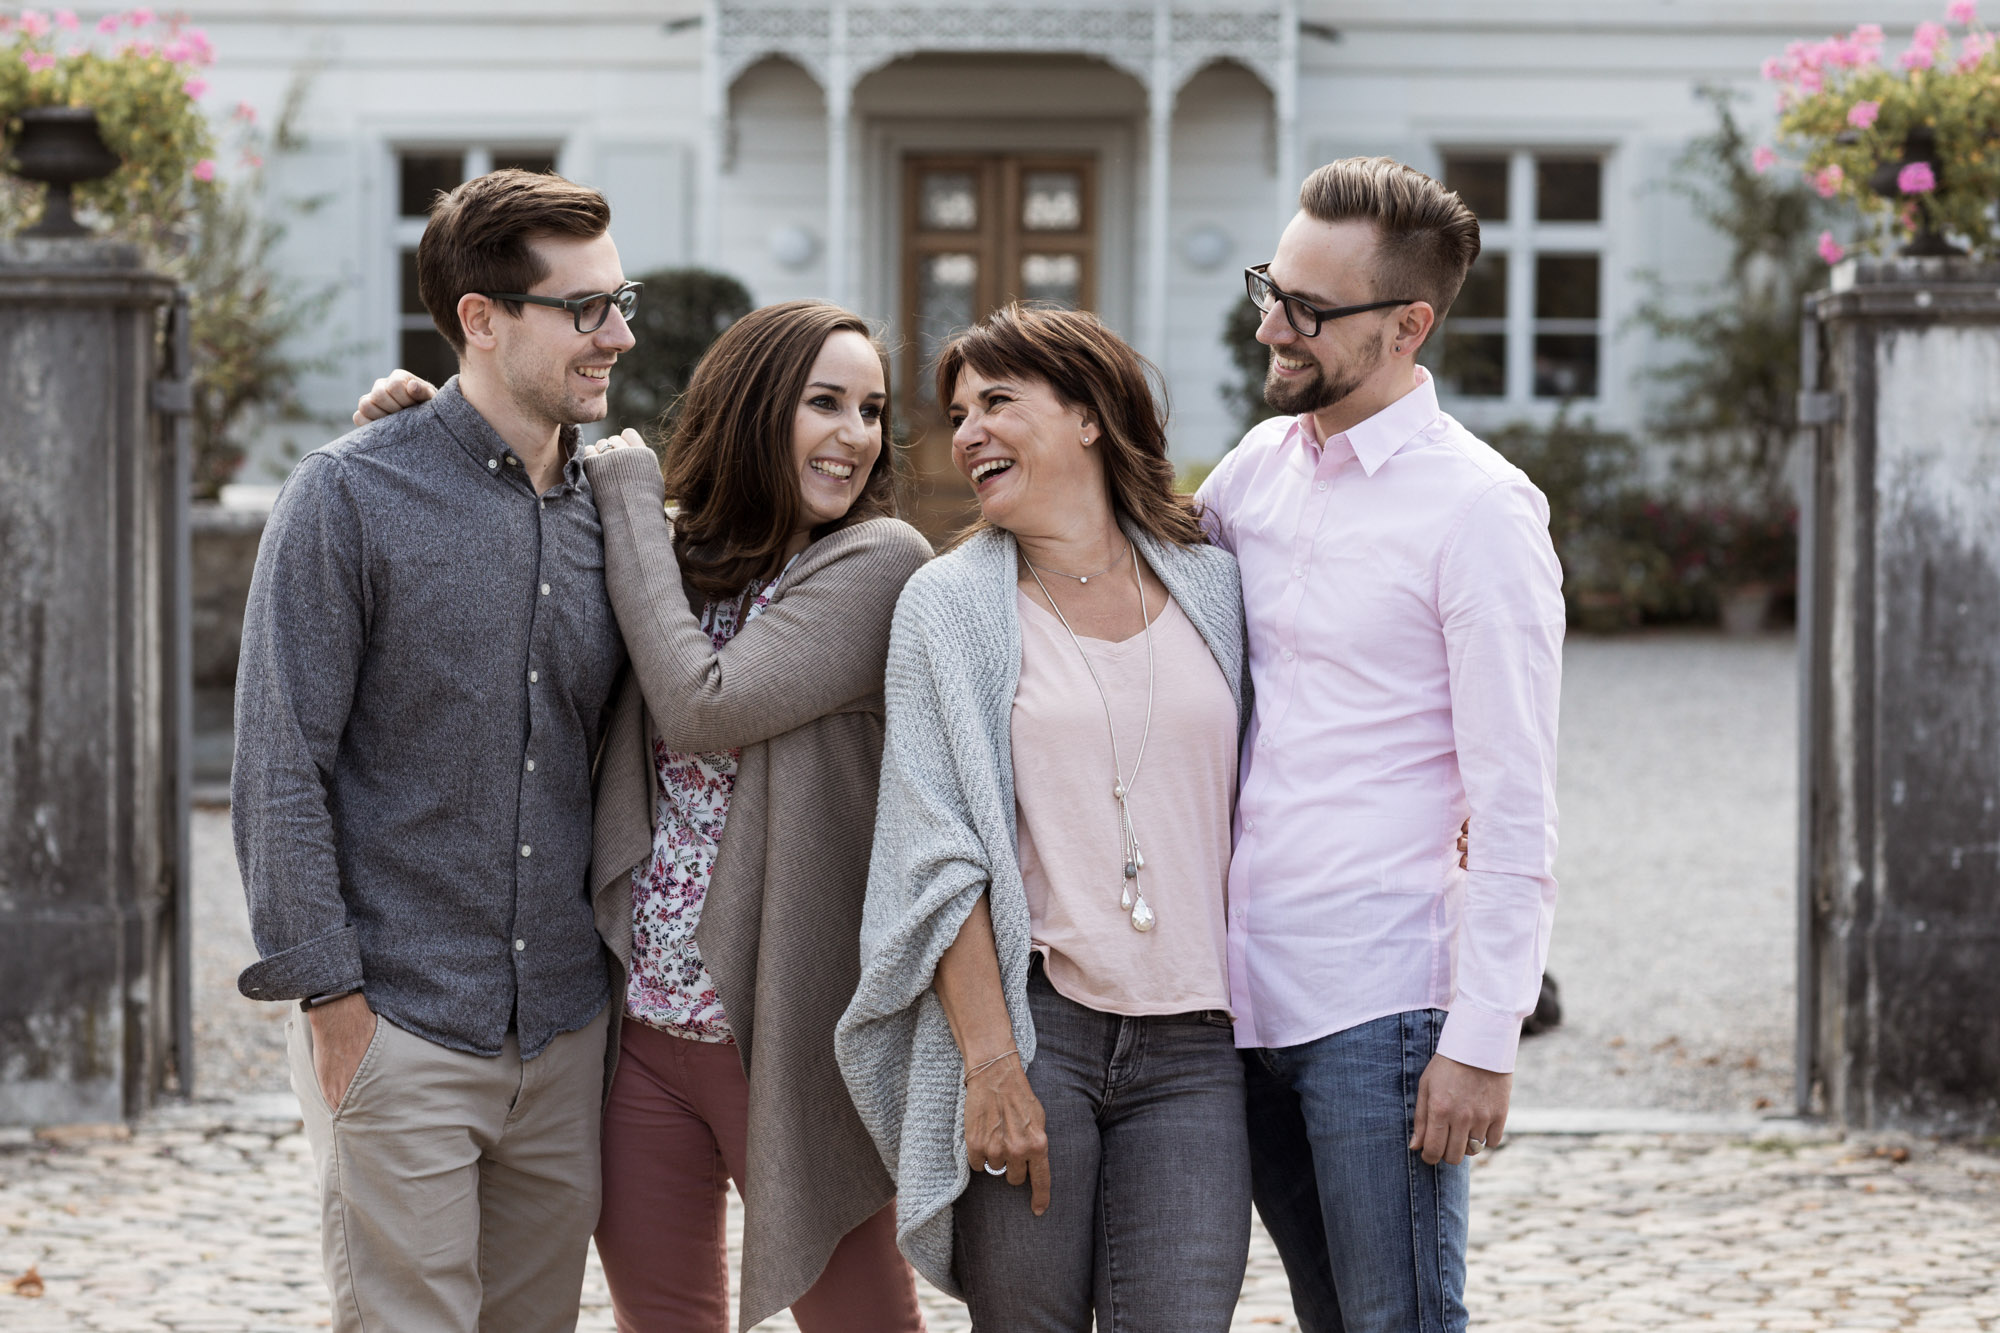 Die Mama mit ihren Kindern beim Fotoshooting - Gross Familien Fotoshooting in den Merian Gärten - Fotoshooting Muttertag